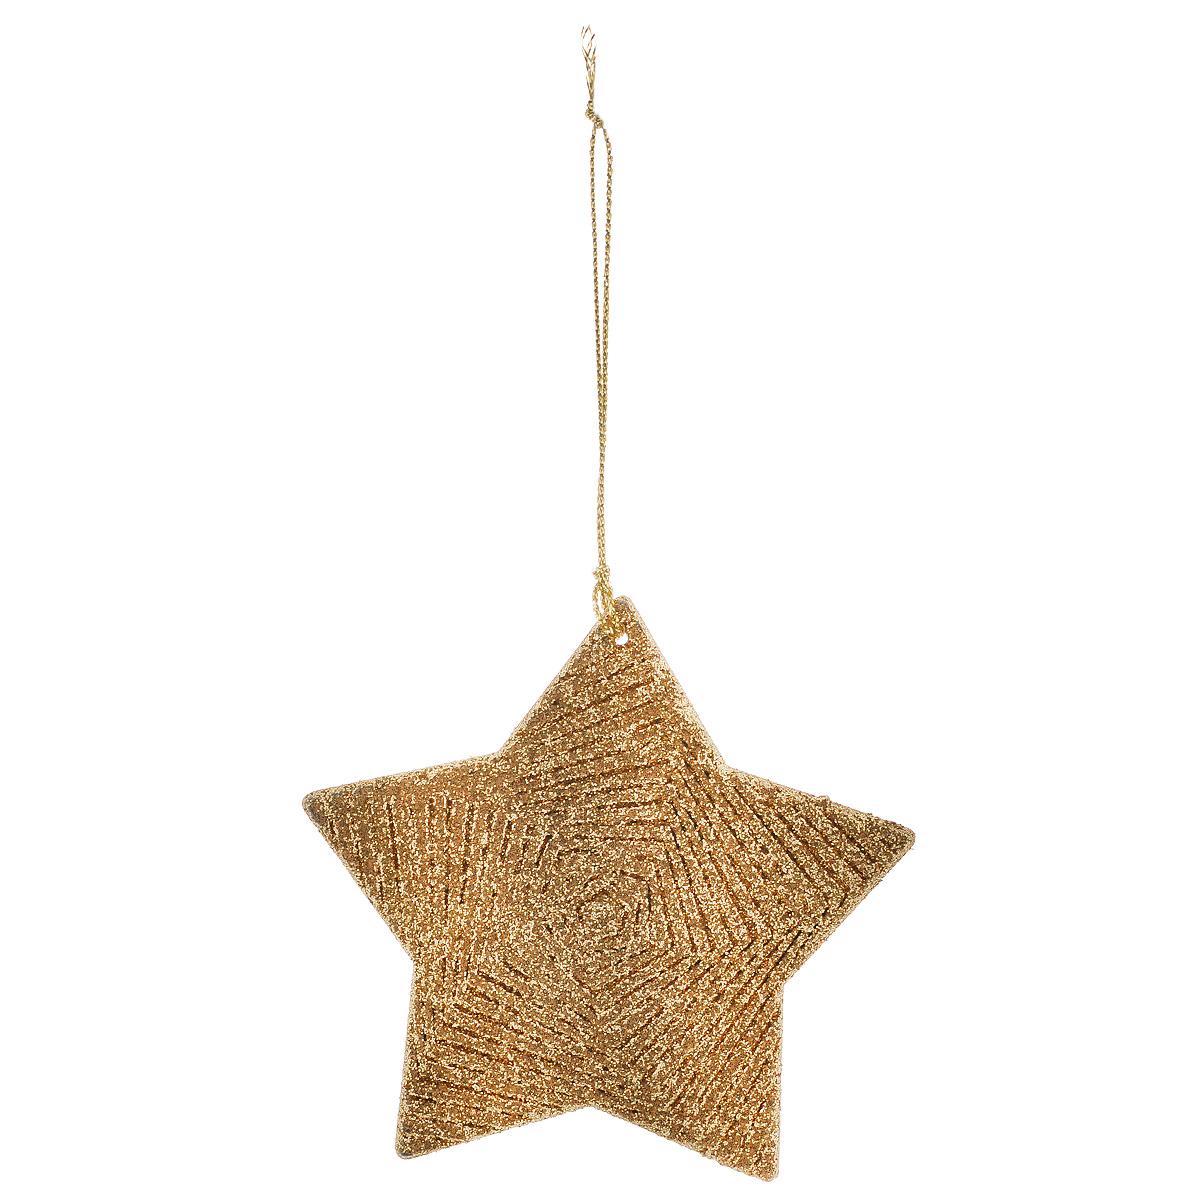 Новогоднее подвесное украшение Рождественская звезда, цвет: золотистый. 3497935495Оригинальное новогоднее украшение из пластика прекрасно подойдет для праздничного декора дома и новогодней ели. Изделие крепится на елку с помощью металлического зажима.